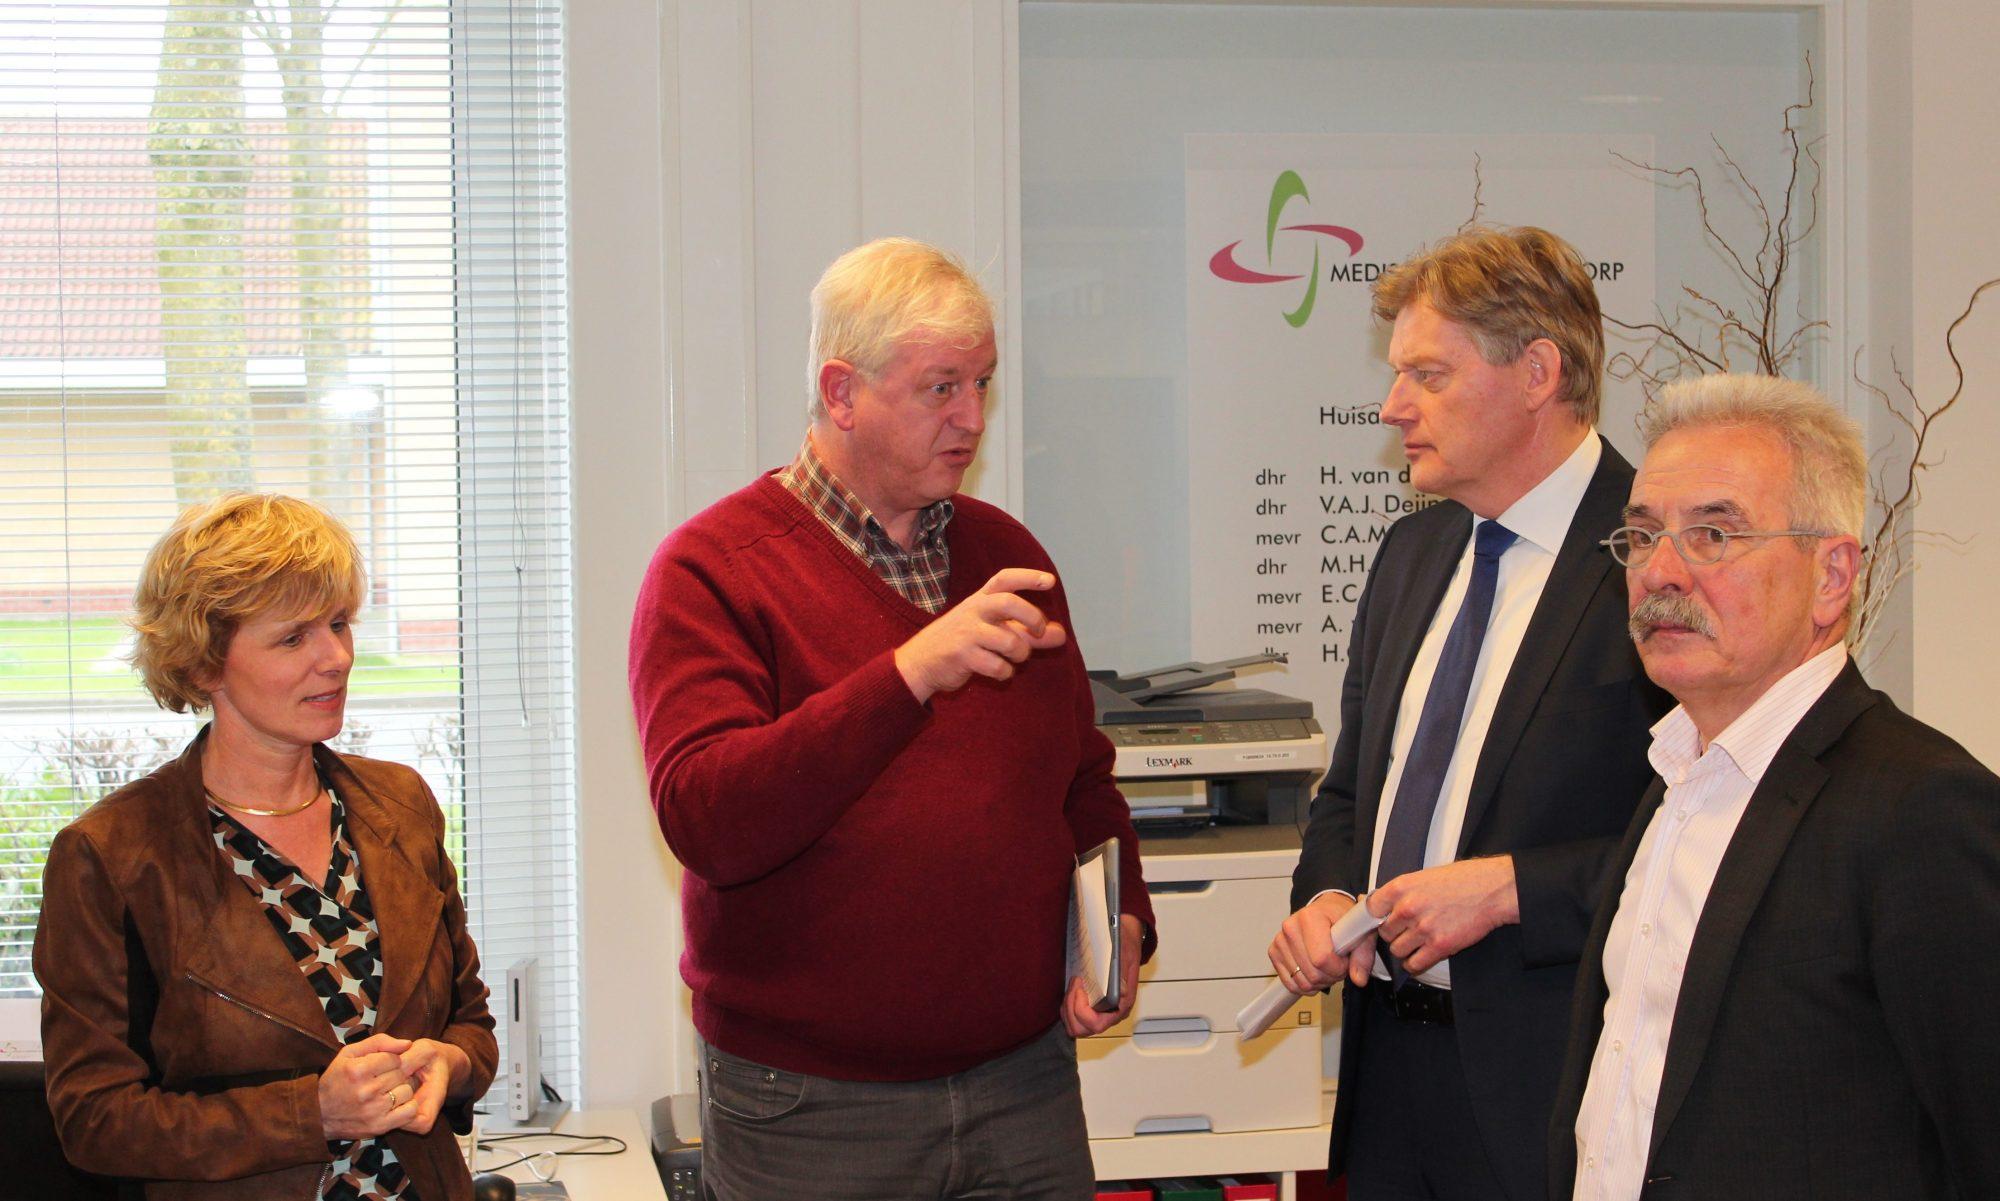 Huisartsen De Goede en van Assems leiden Martin van Rijn rond